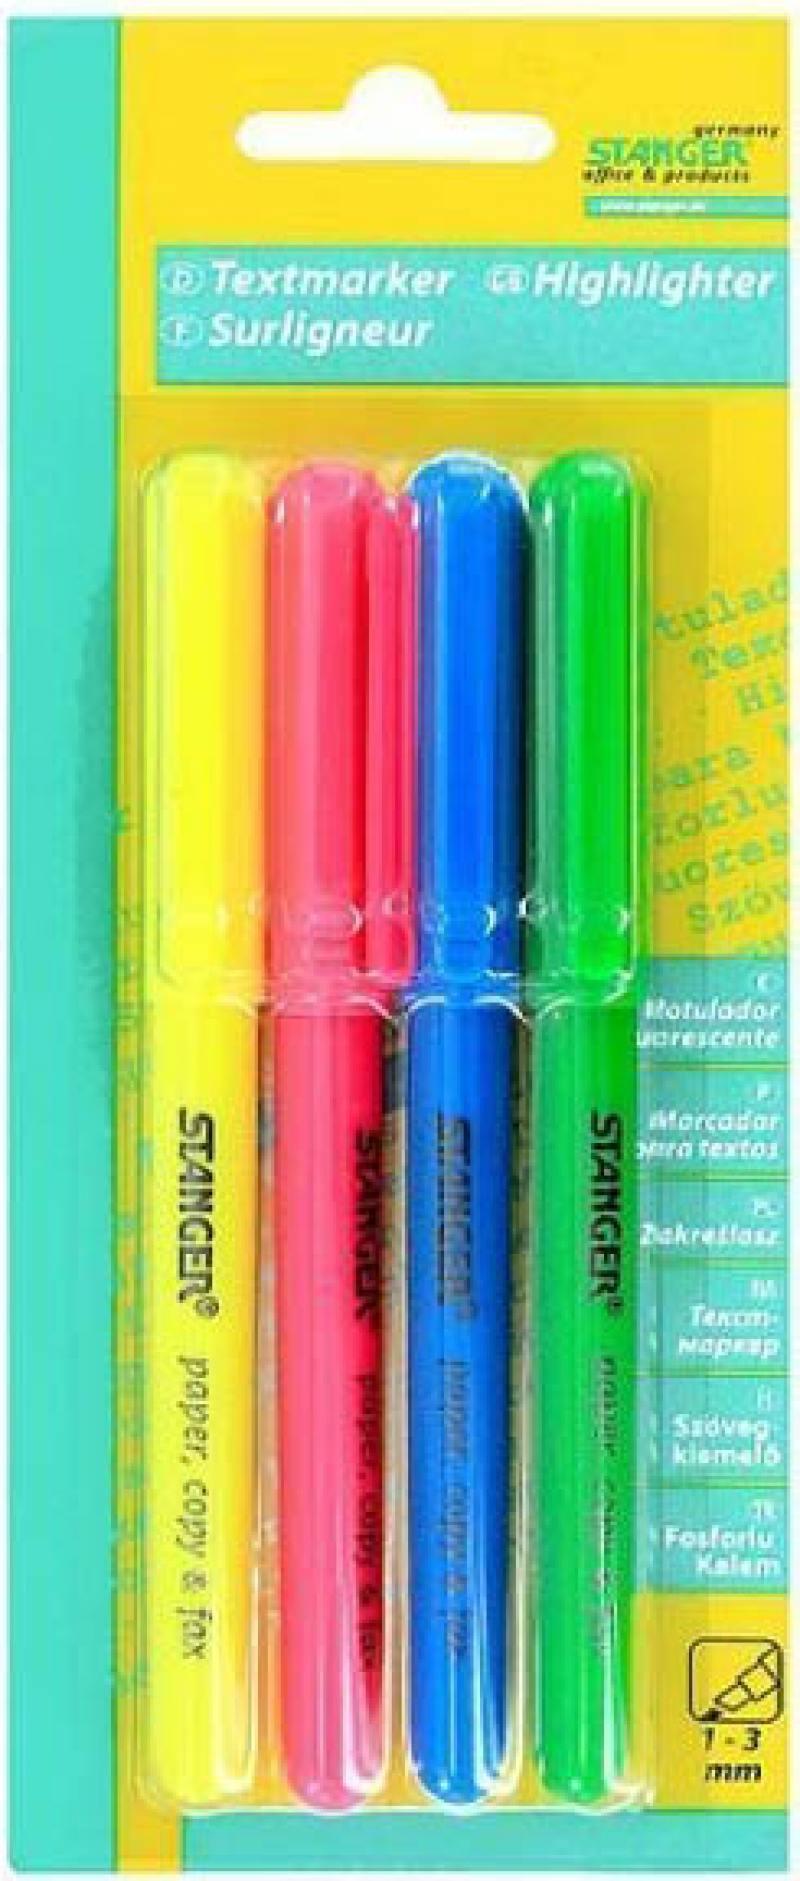 Набор текстмаркеров Stanger 18-00-99 1 мм 4 шт разноцветный 18-00-99 99 page 4